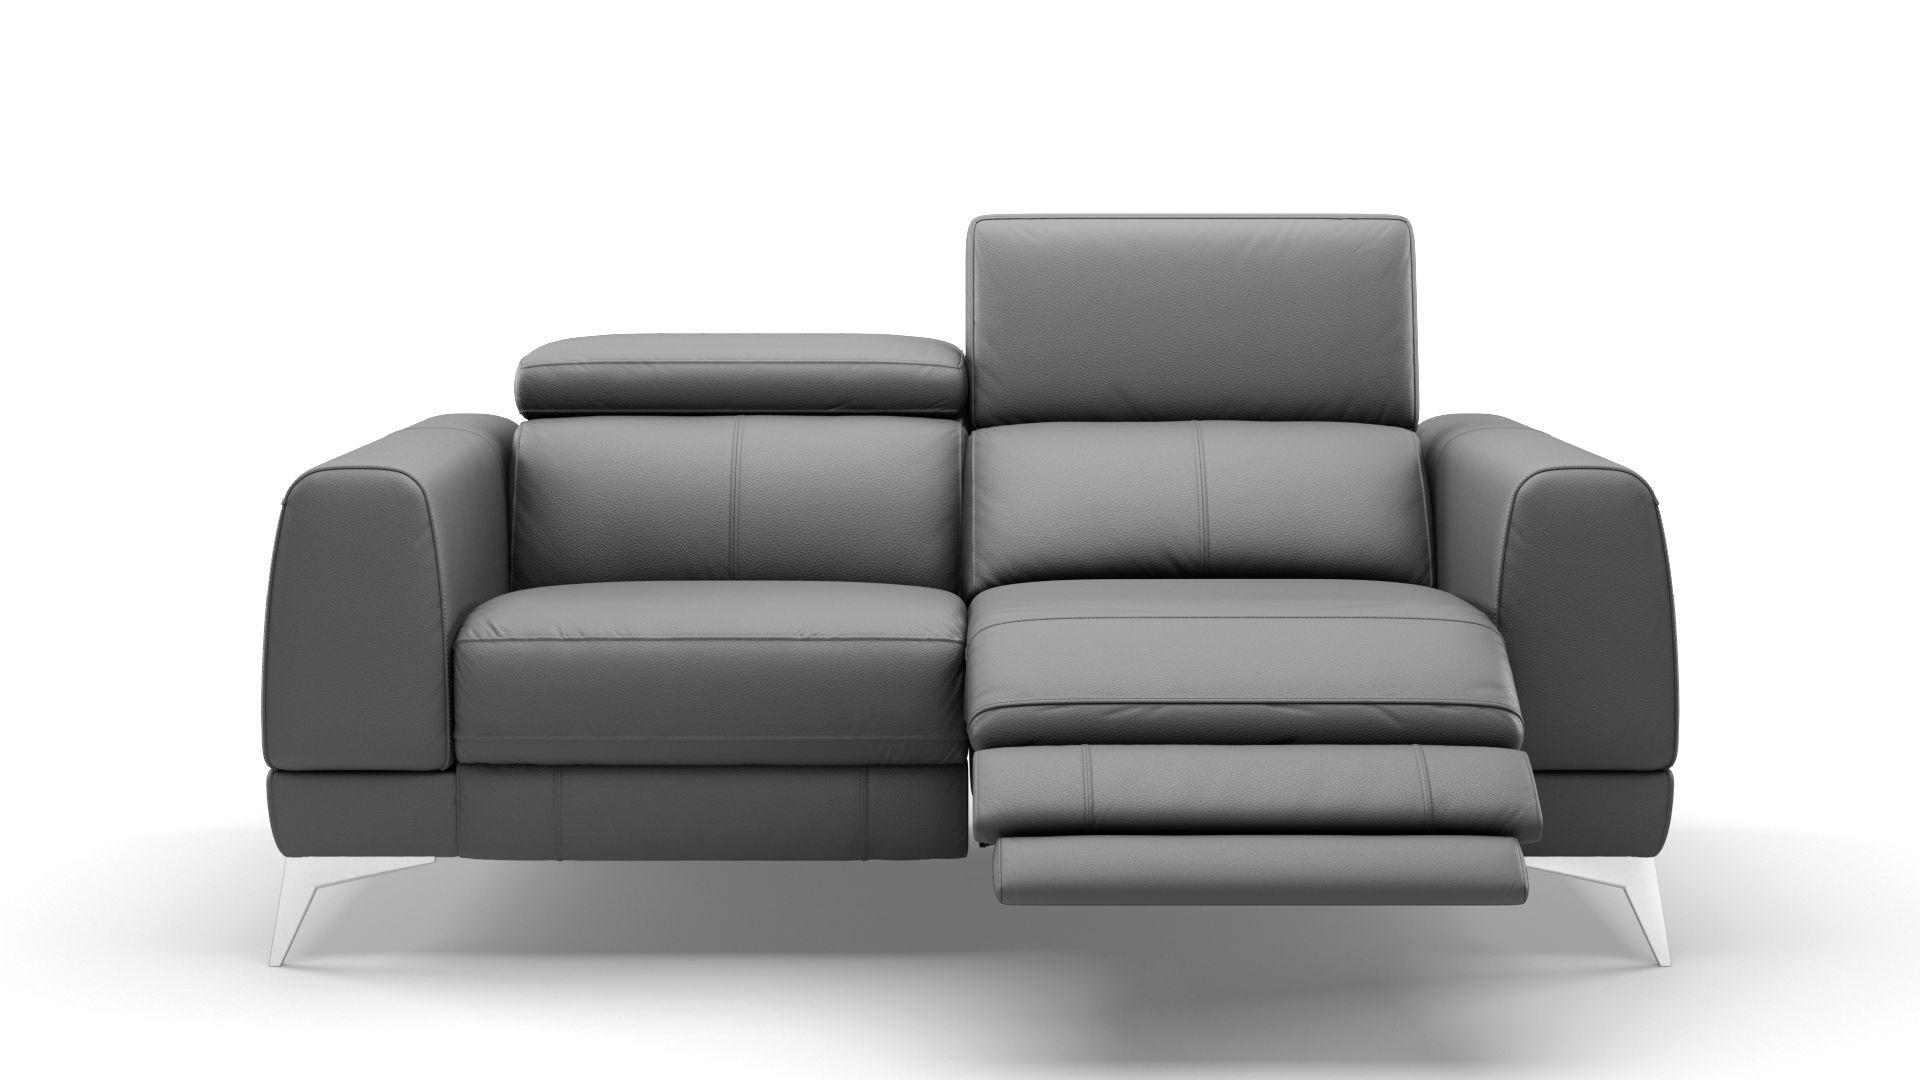 Full Size of 2er Sofa Mit Elektrischer Relaxfunktion 2 Sitzer 3er Couch Elektrisch Verstellbar Leder Designer Marino Sofanella Verstellbarer Sitztiefe Beziehen Big Hocker Sofa Sofa Mit Relaxfunktion Elektrisch